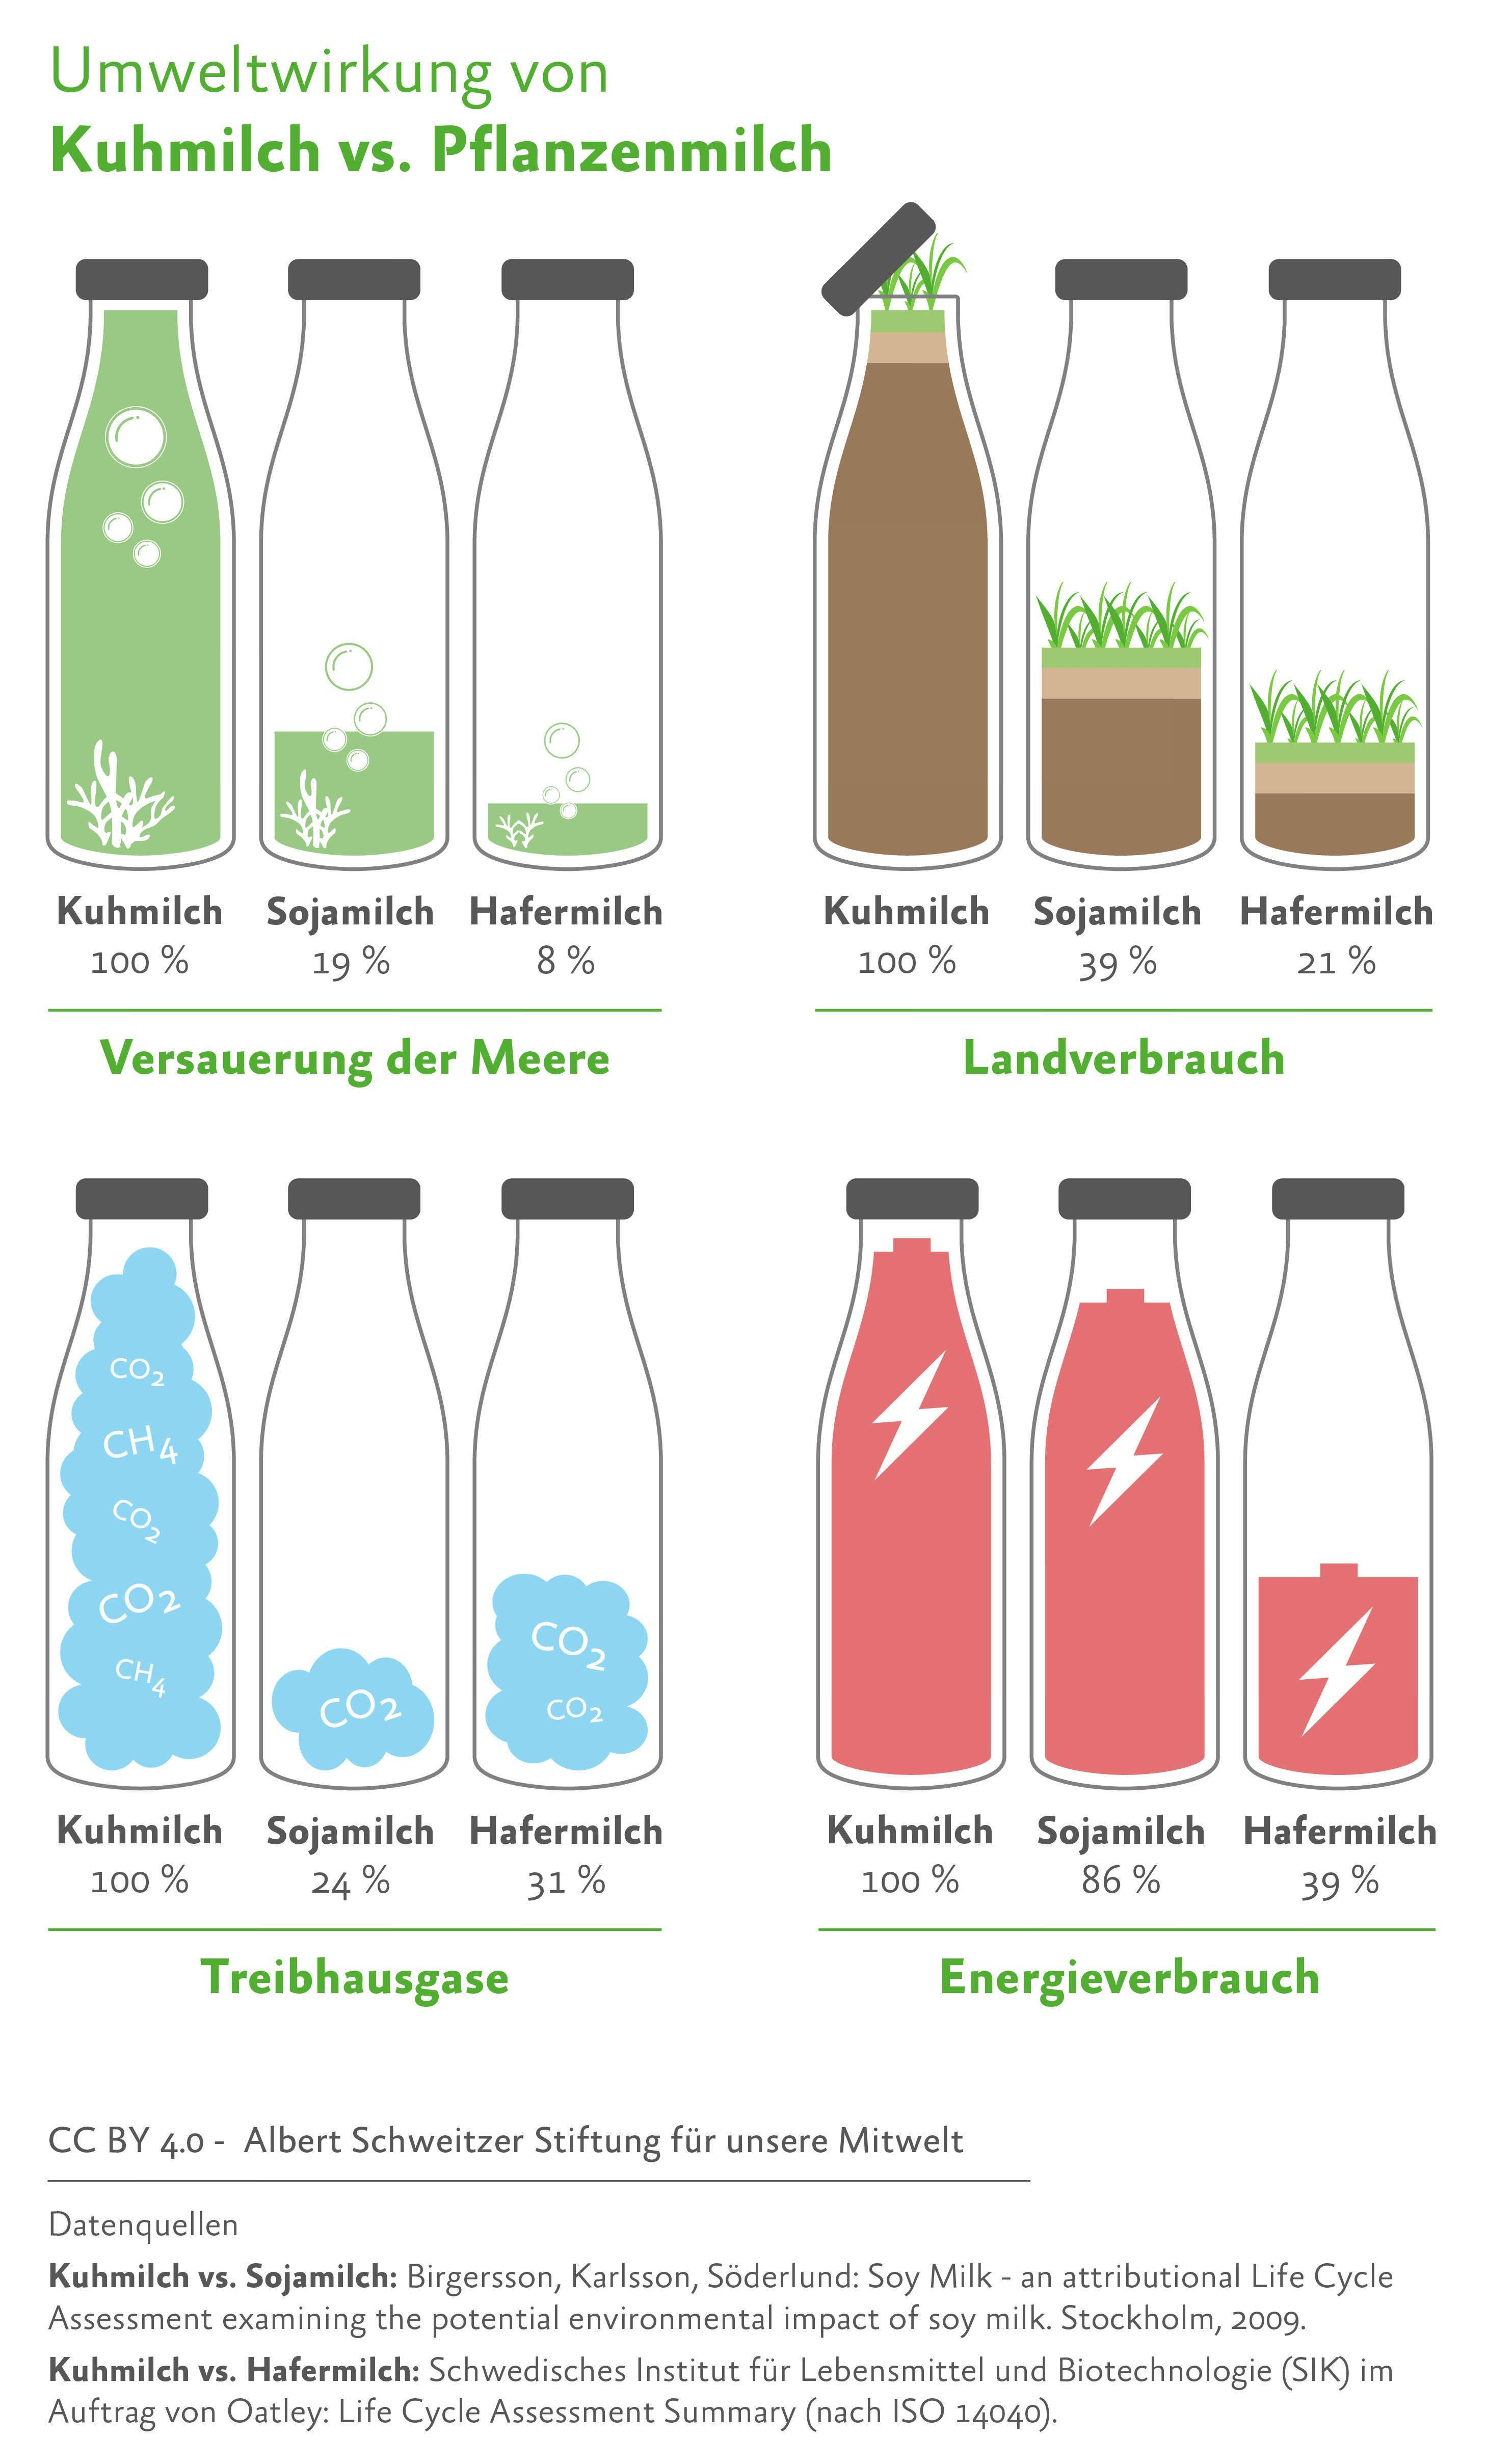 Umweltwirkung verschiedener Milchsorten